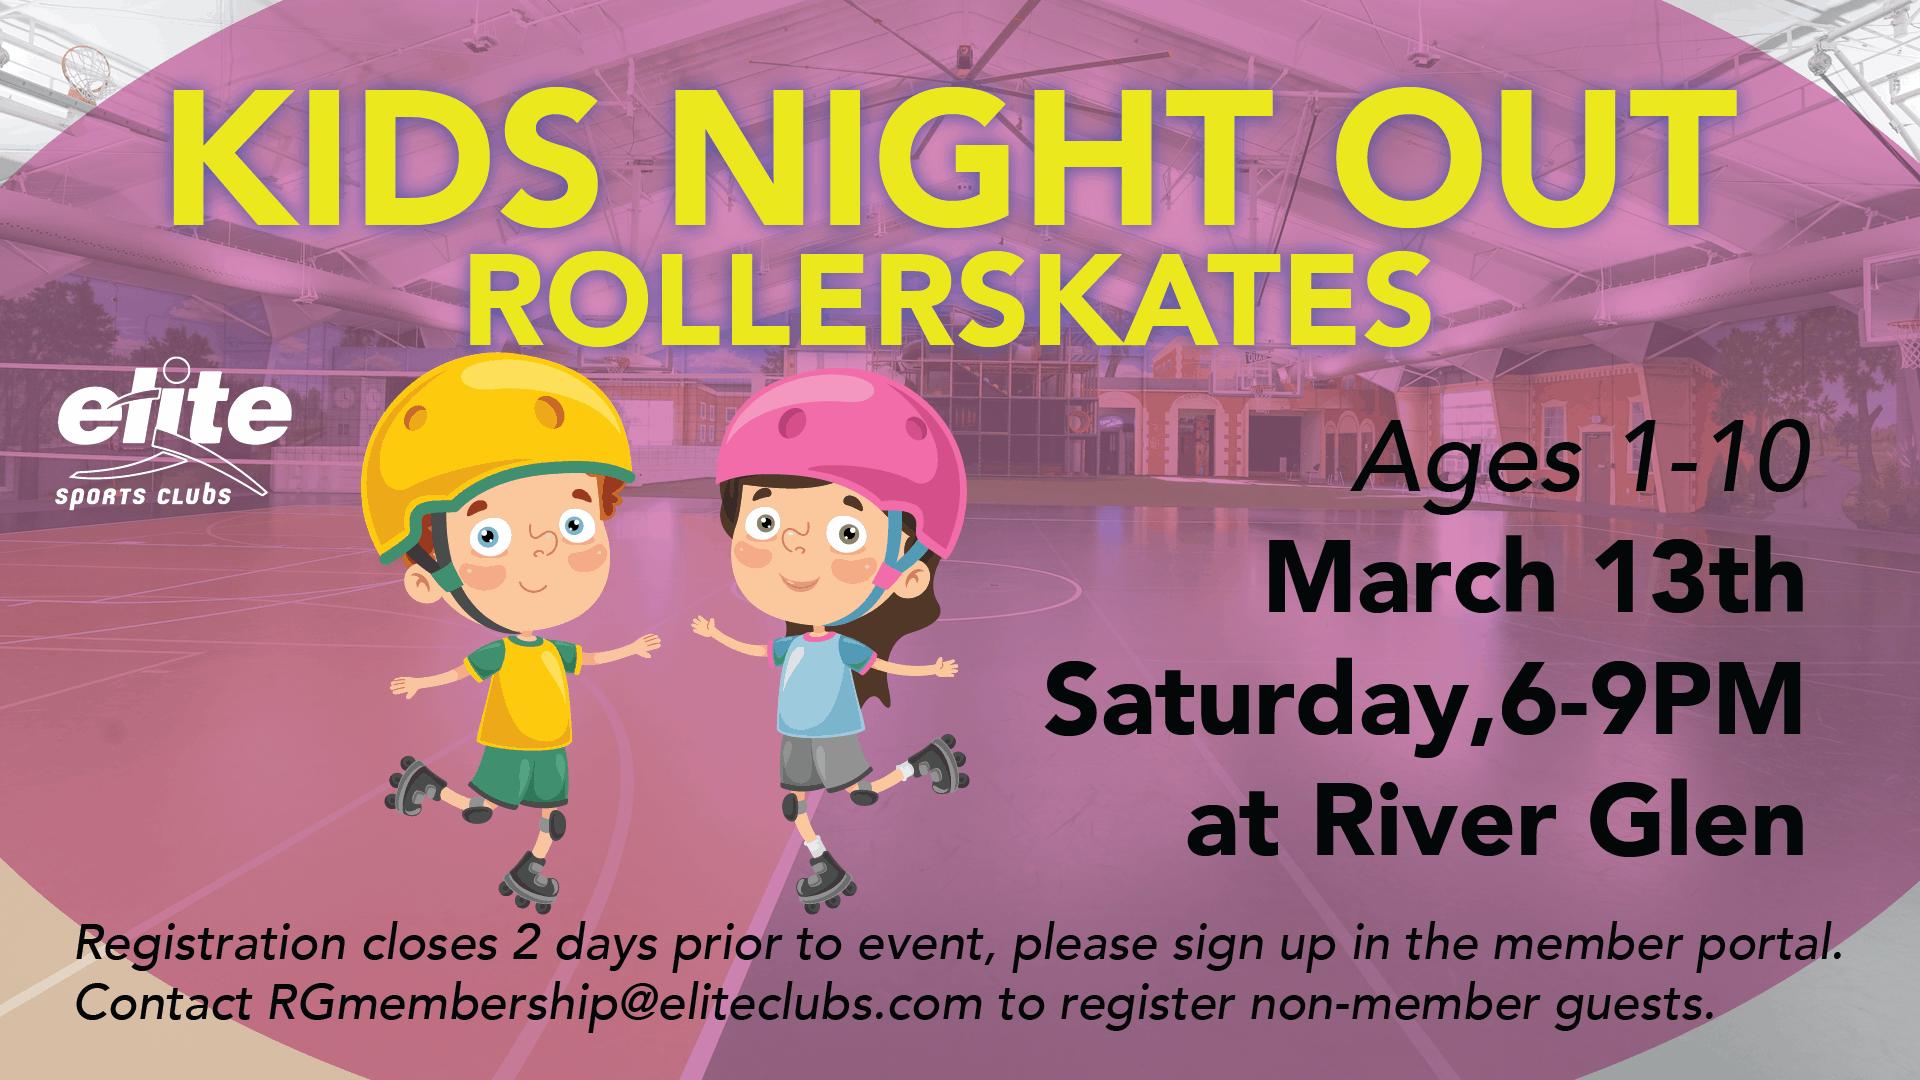 Kids Night Out Roller Skating - Elite River Glen - March 2021